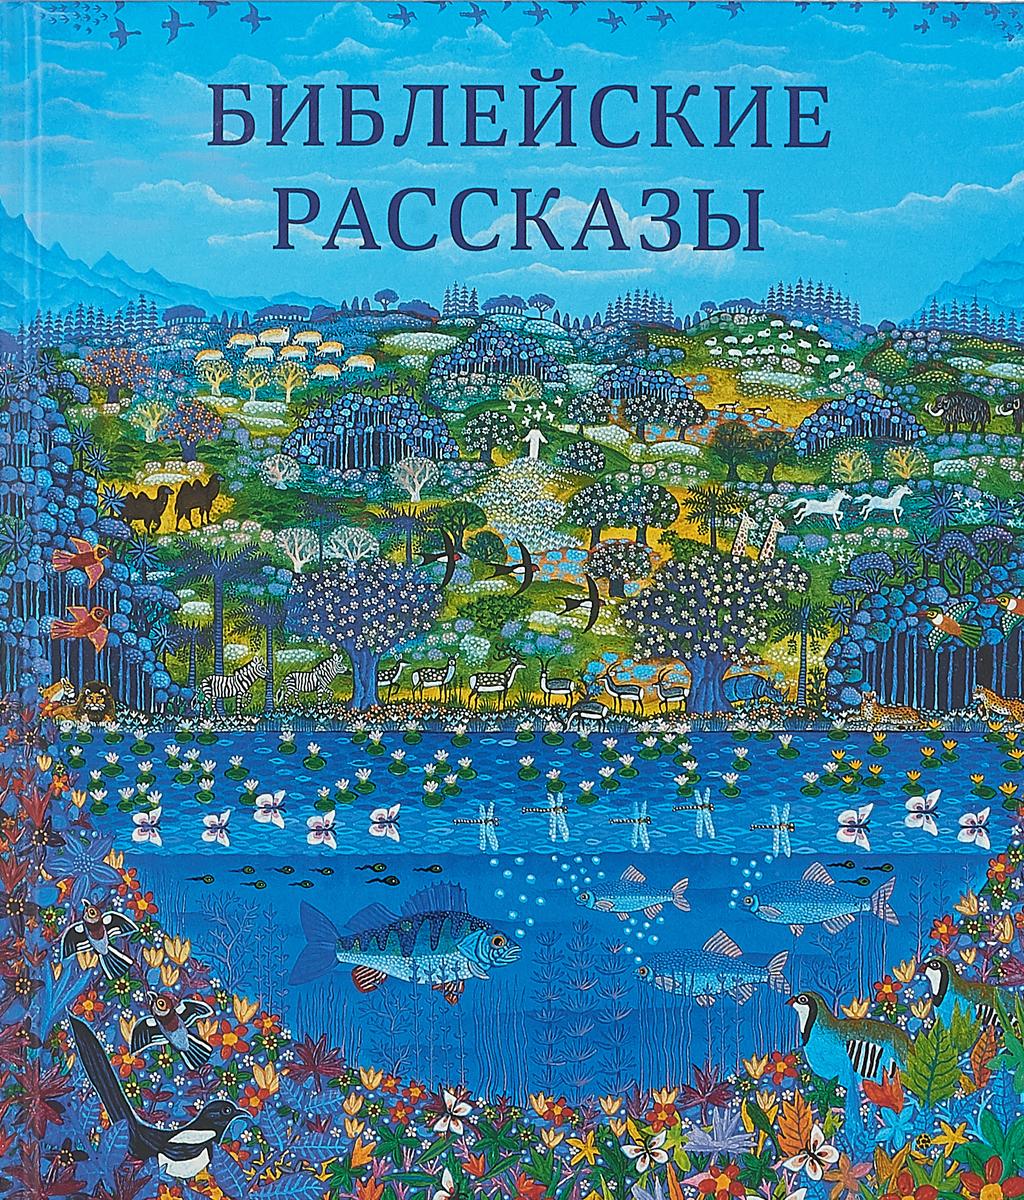 Библейские рассказы священное писание библейские сказания isbn 978 5 699 56619 8